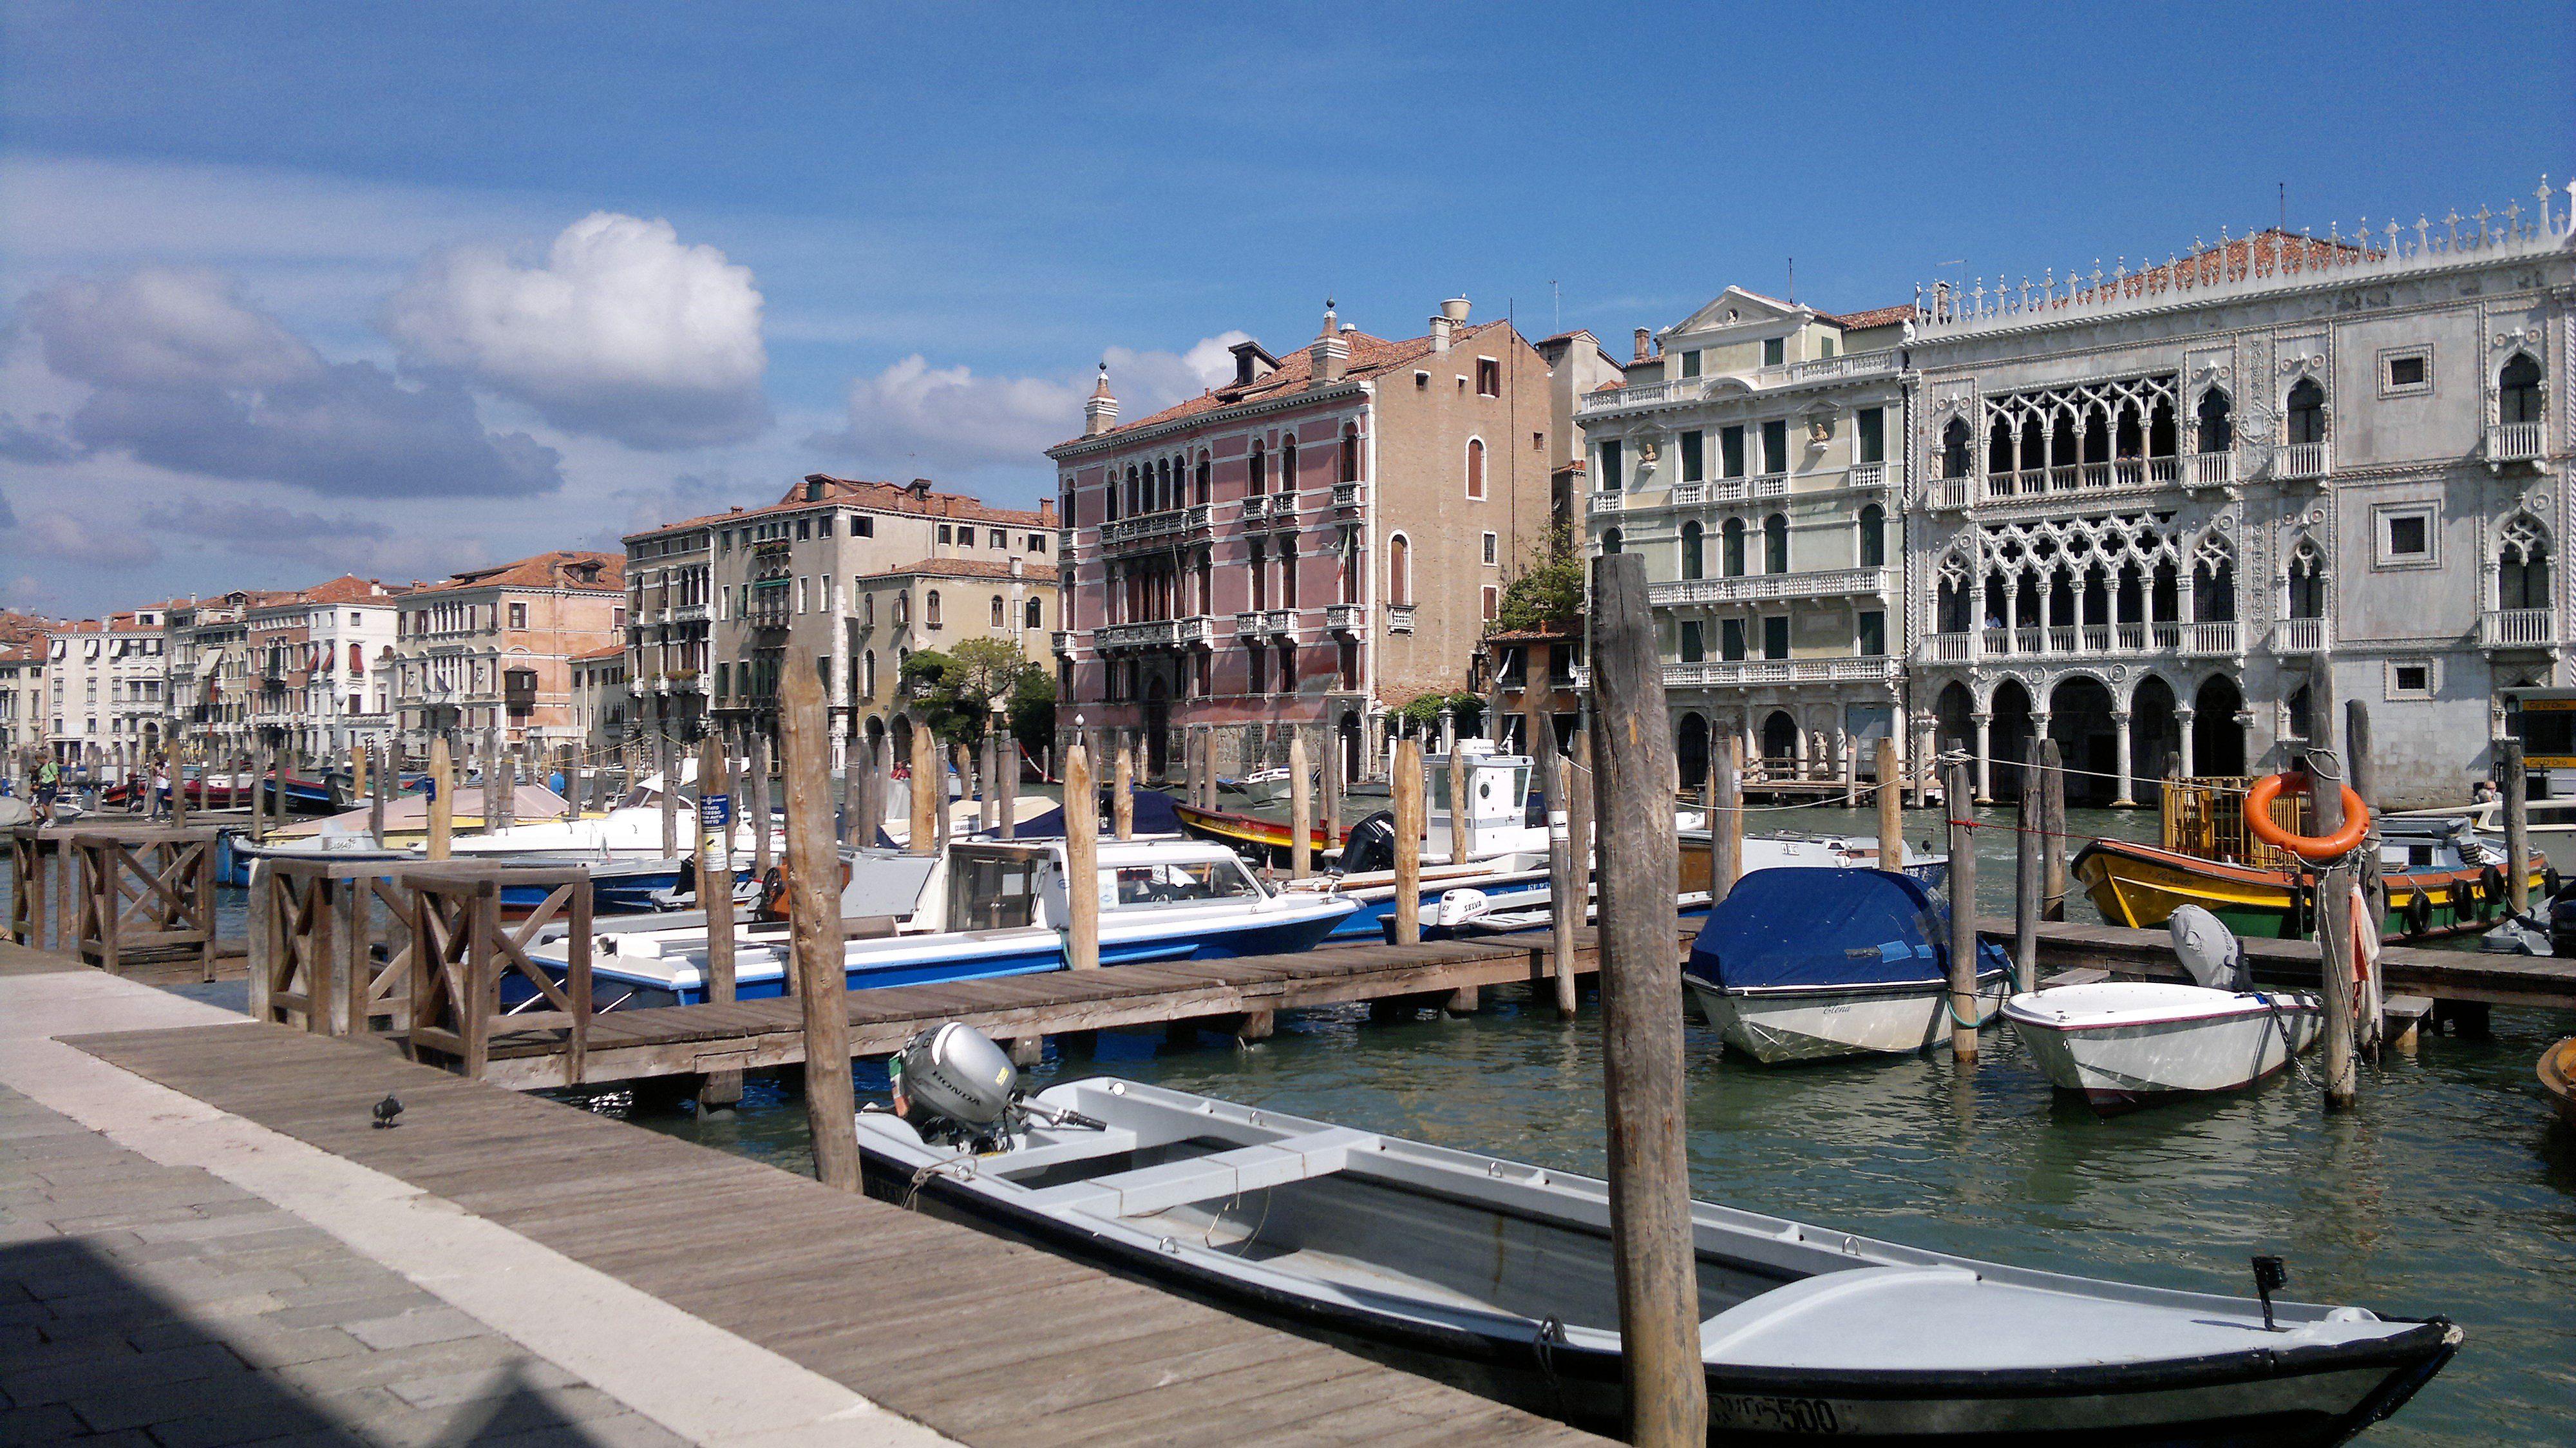 Visitare Venezia per la regata storica - i canali